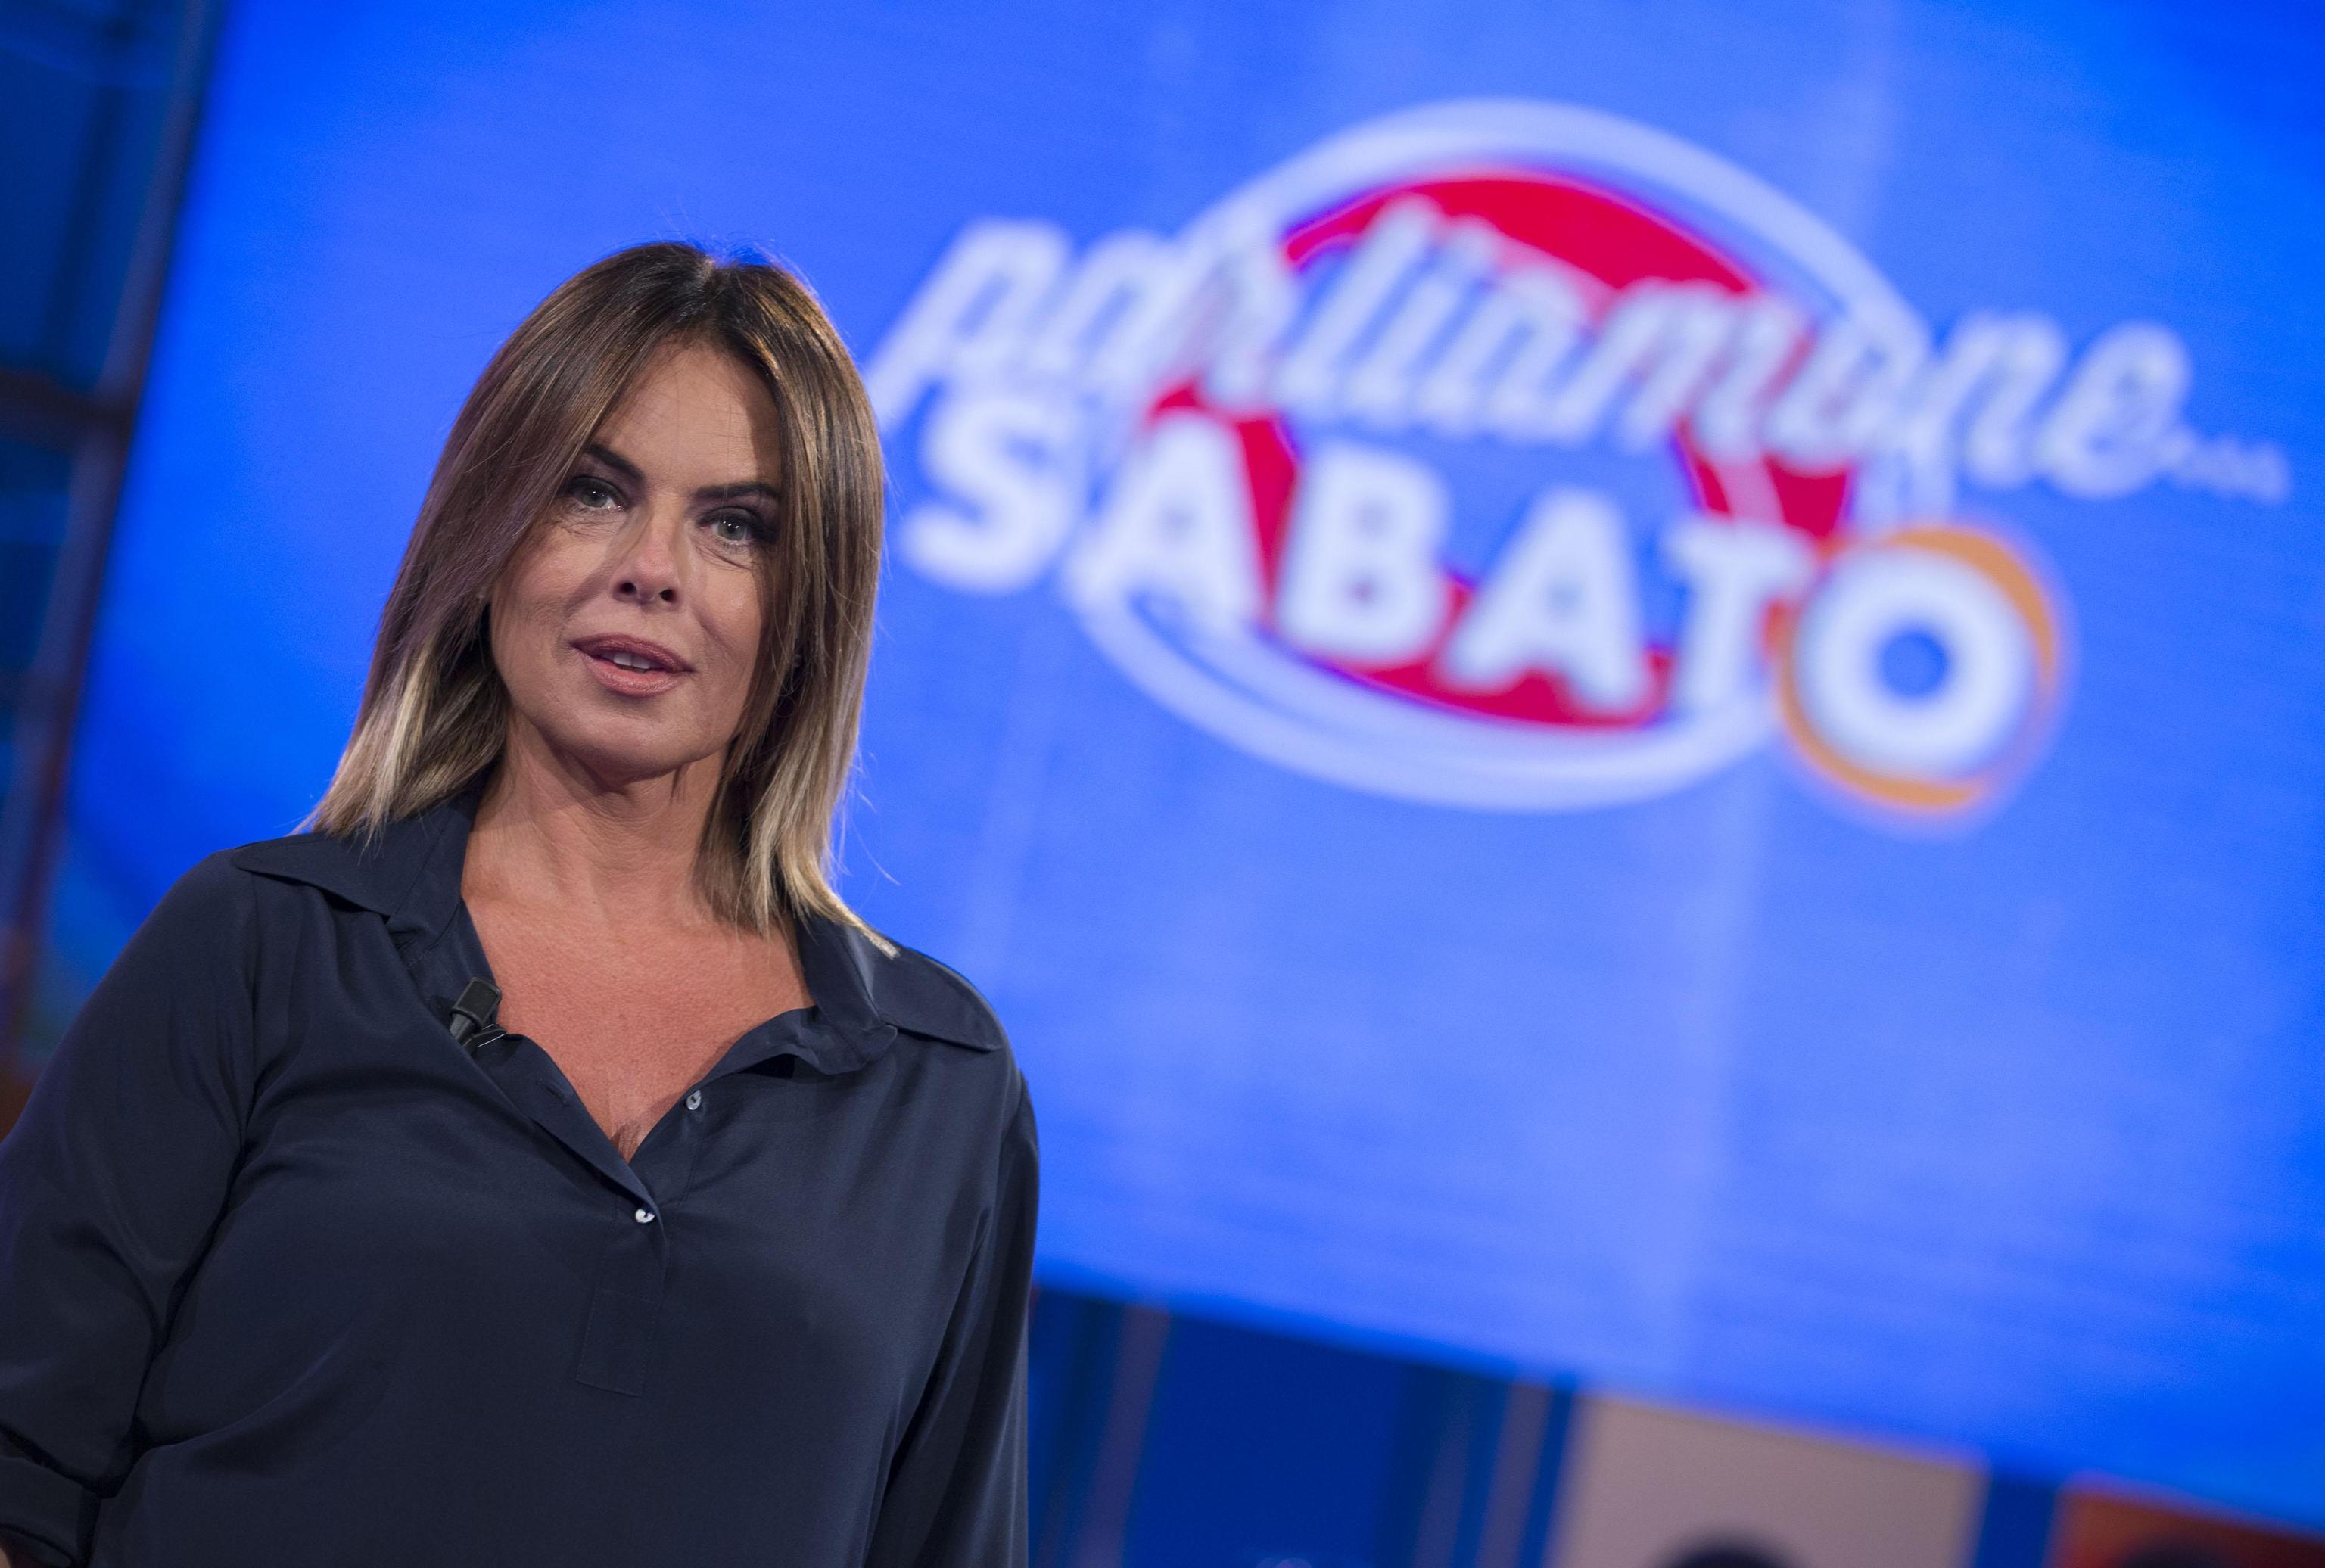 Paola Perego, ritorno in Rai nel 2018: 'Ma sono terrorizzata'